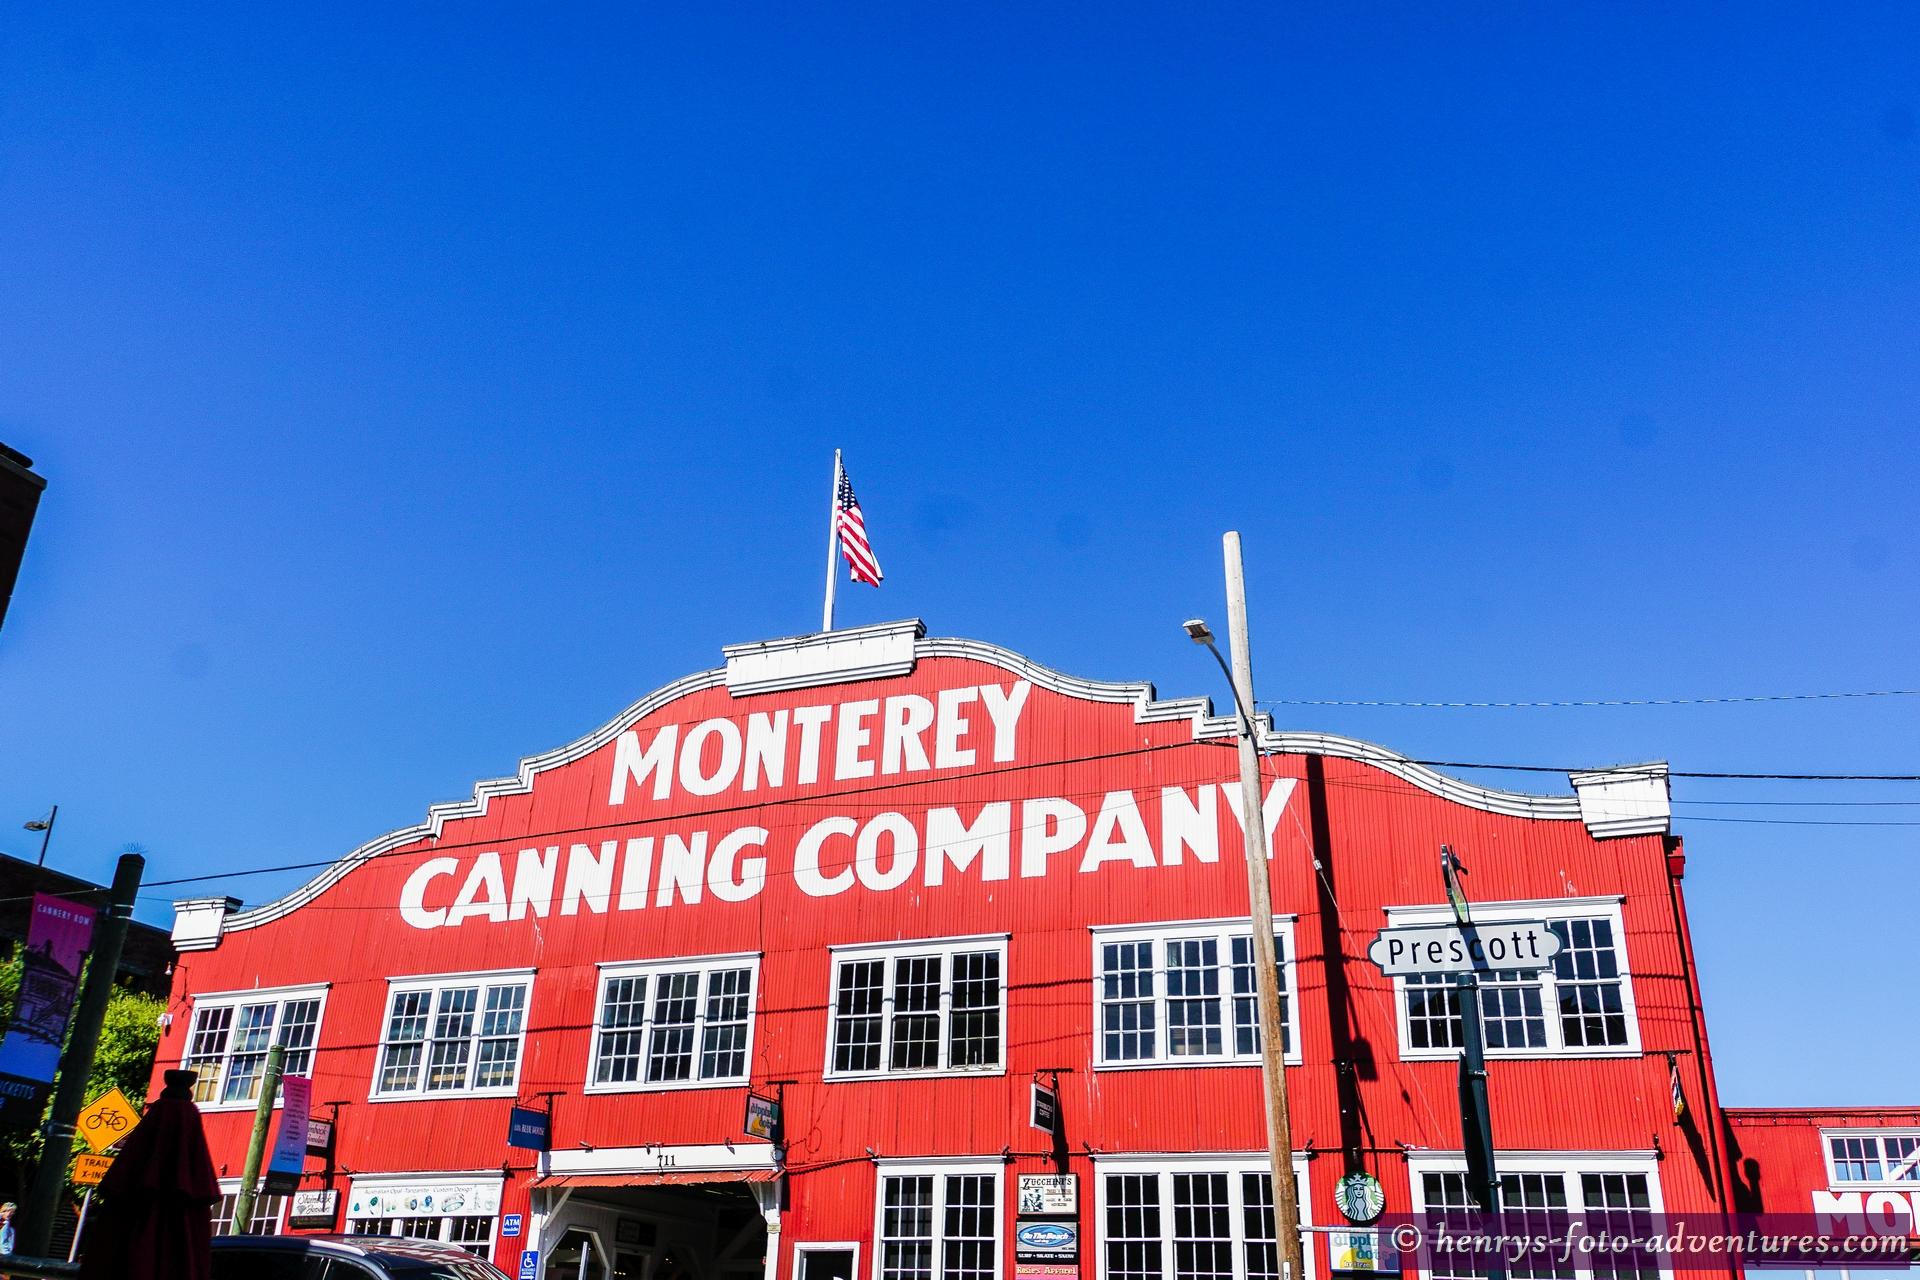 die alte Fischfabrik - heute ein Kaufhaus